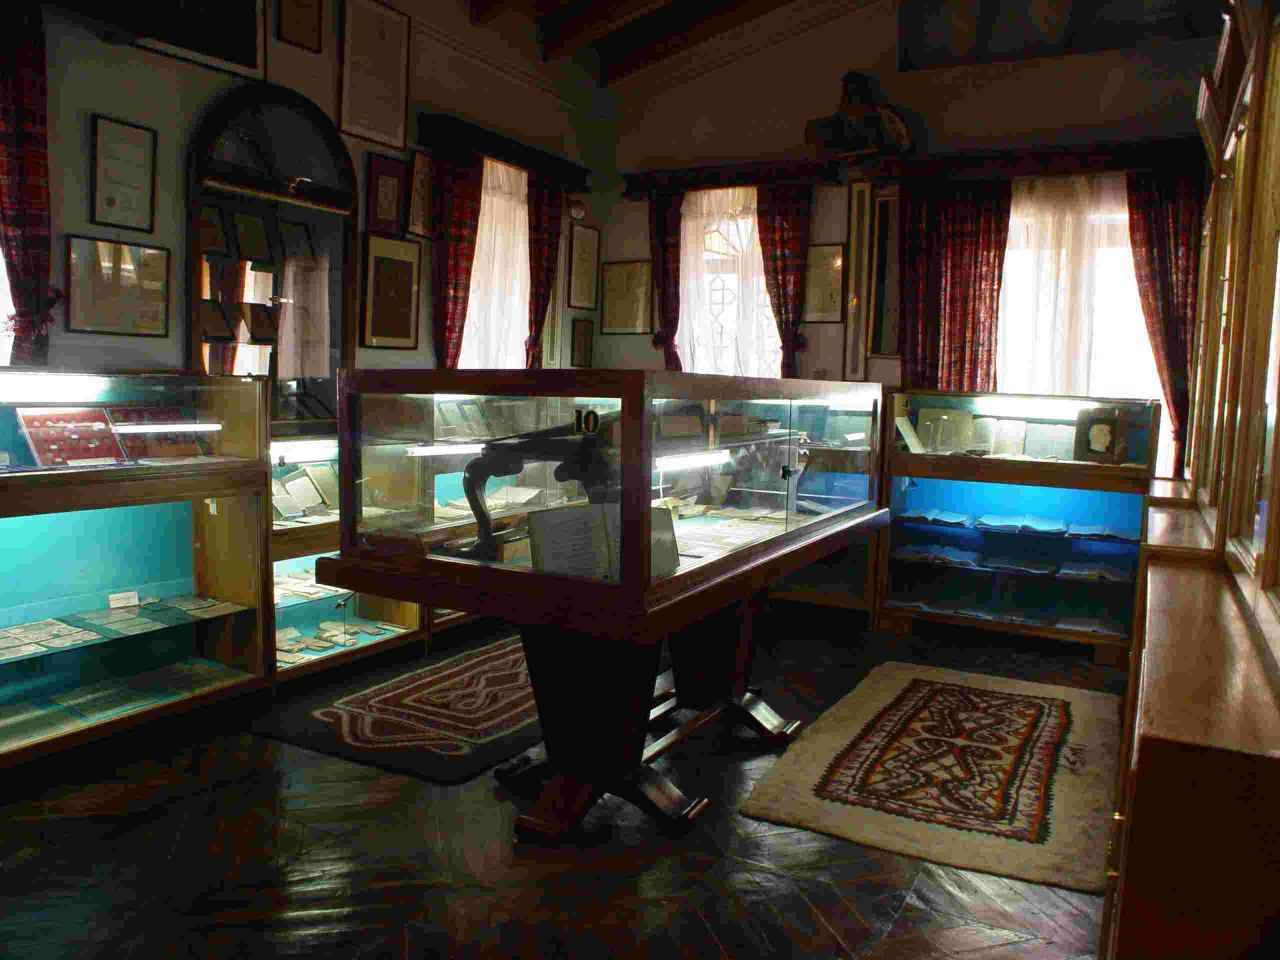 موزه کندلوس حافظ سند محل ازدواج رستم و تهمینه است